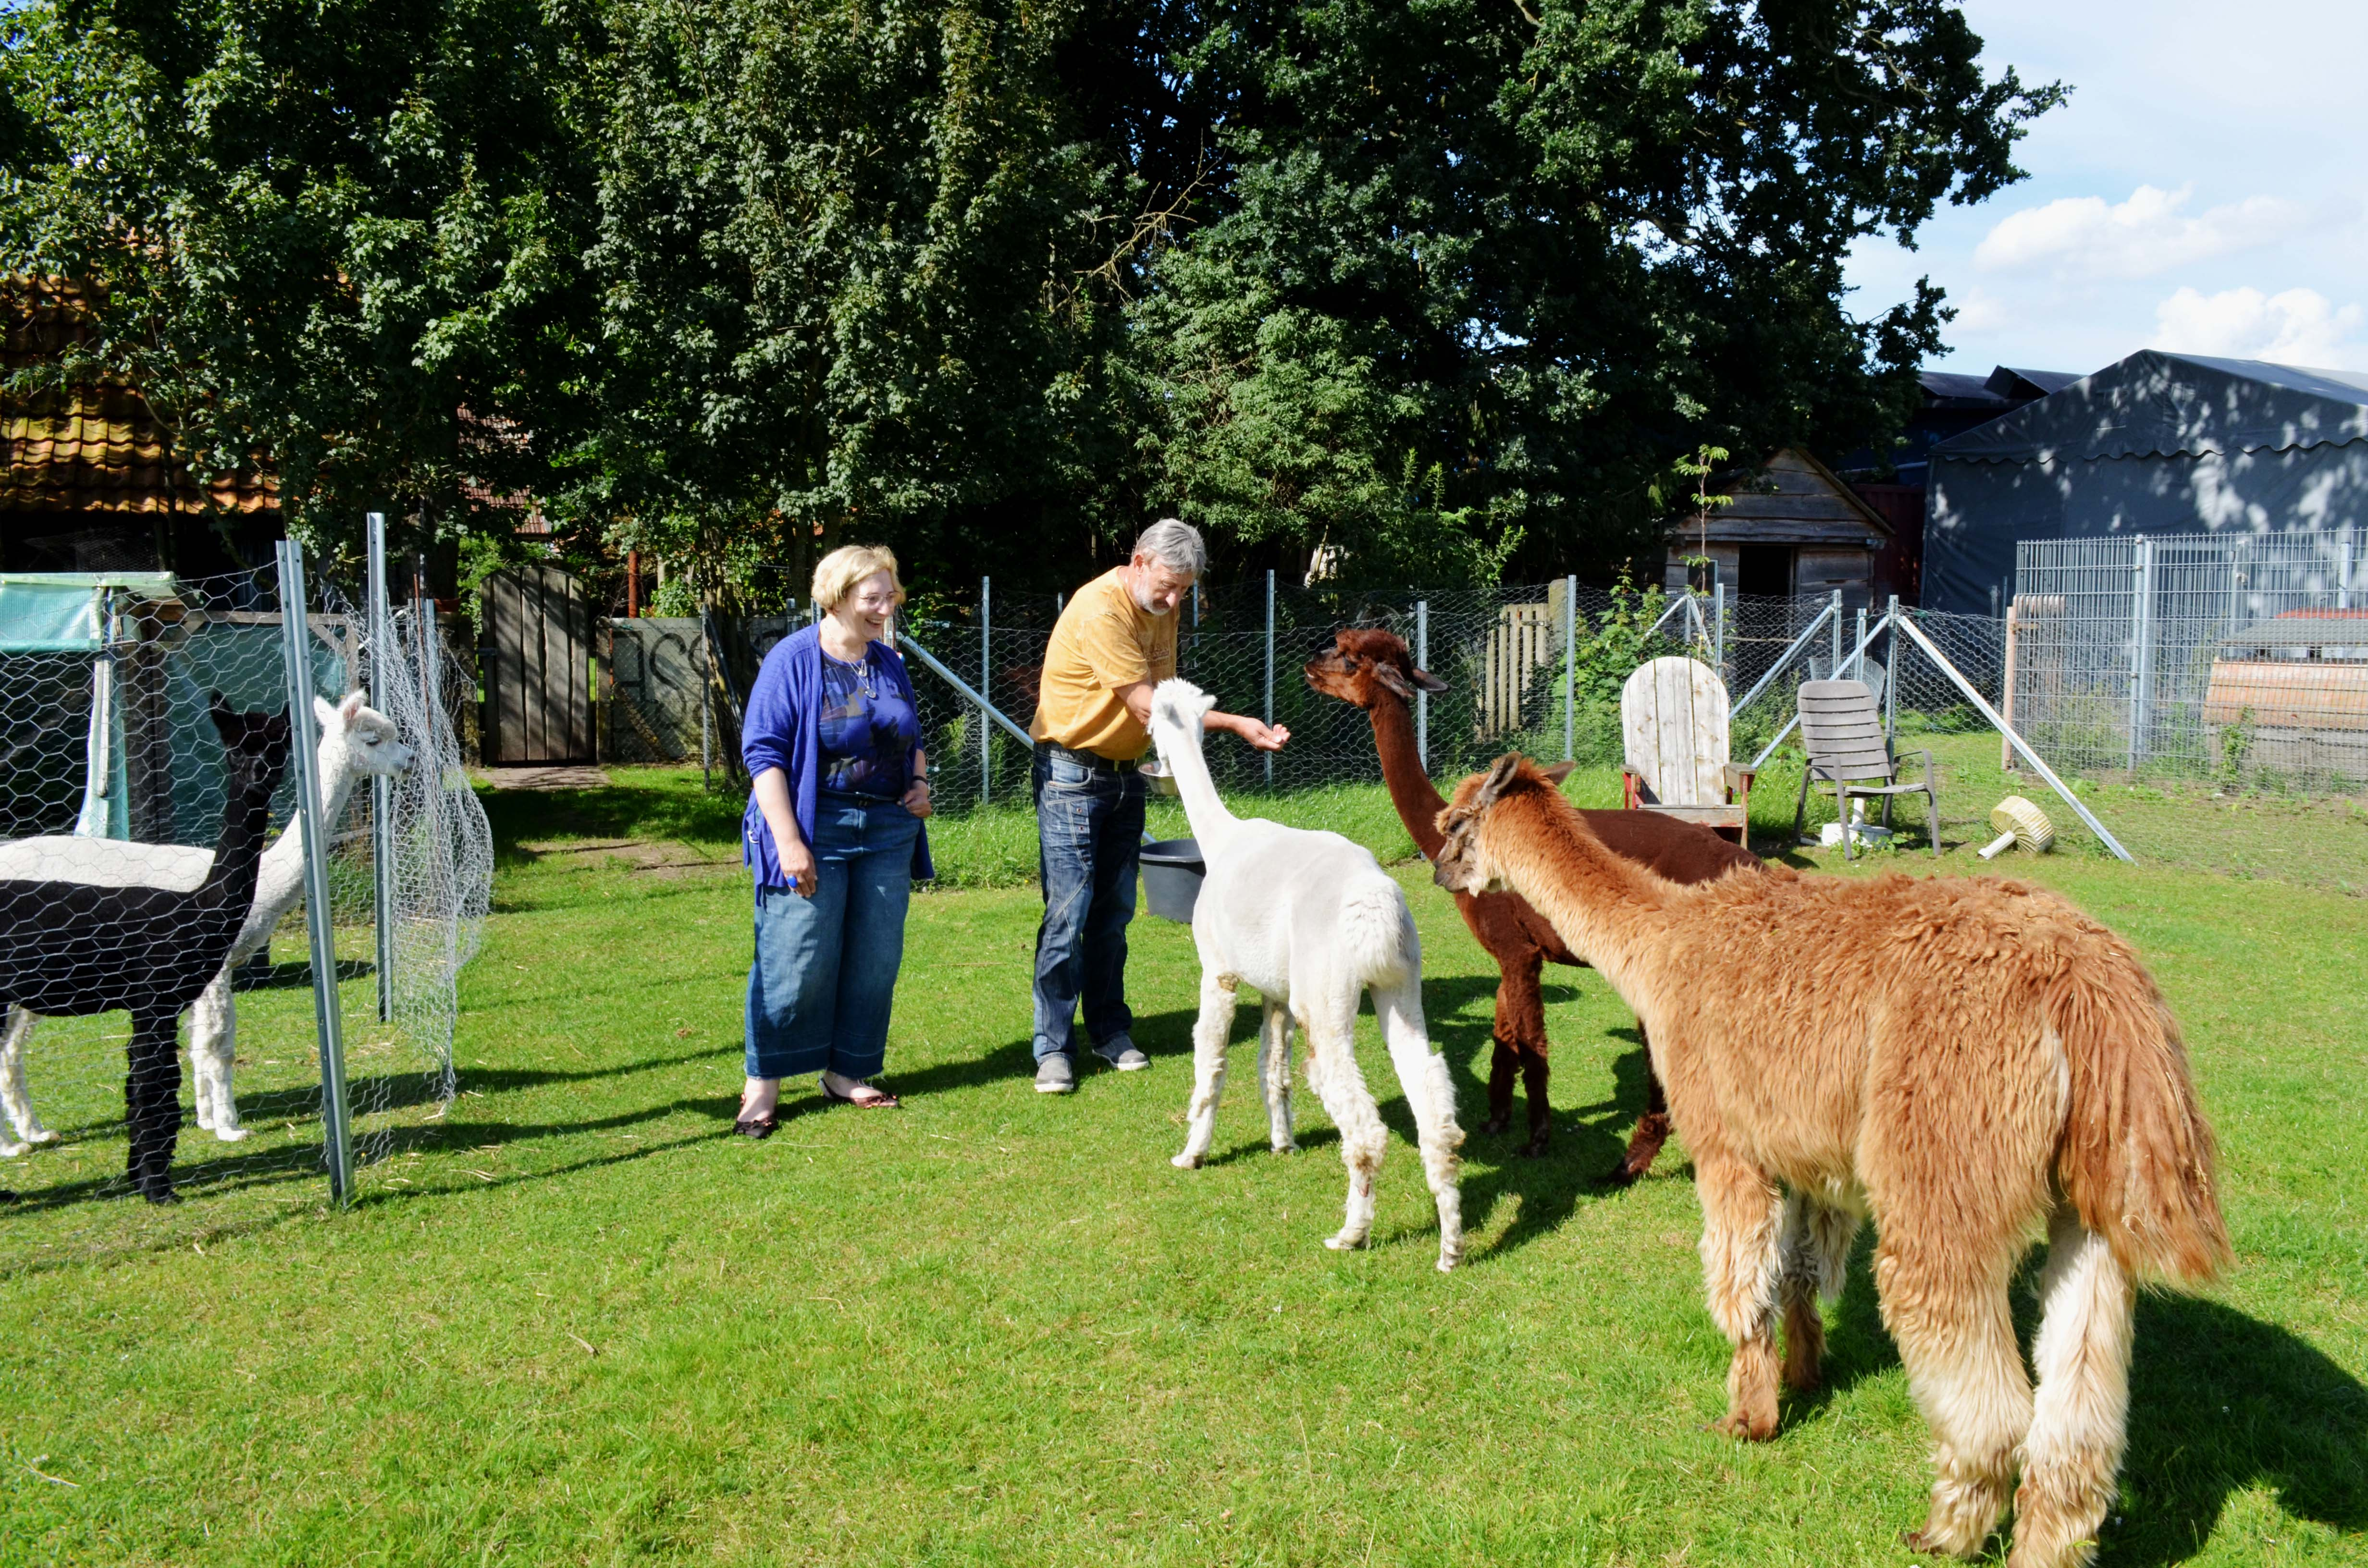 Dr. Daniela De Ridder und Helmut Büers bei der Fütterung der Alpakas